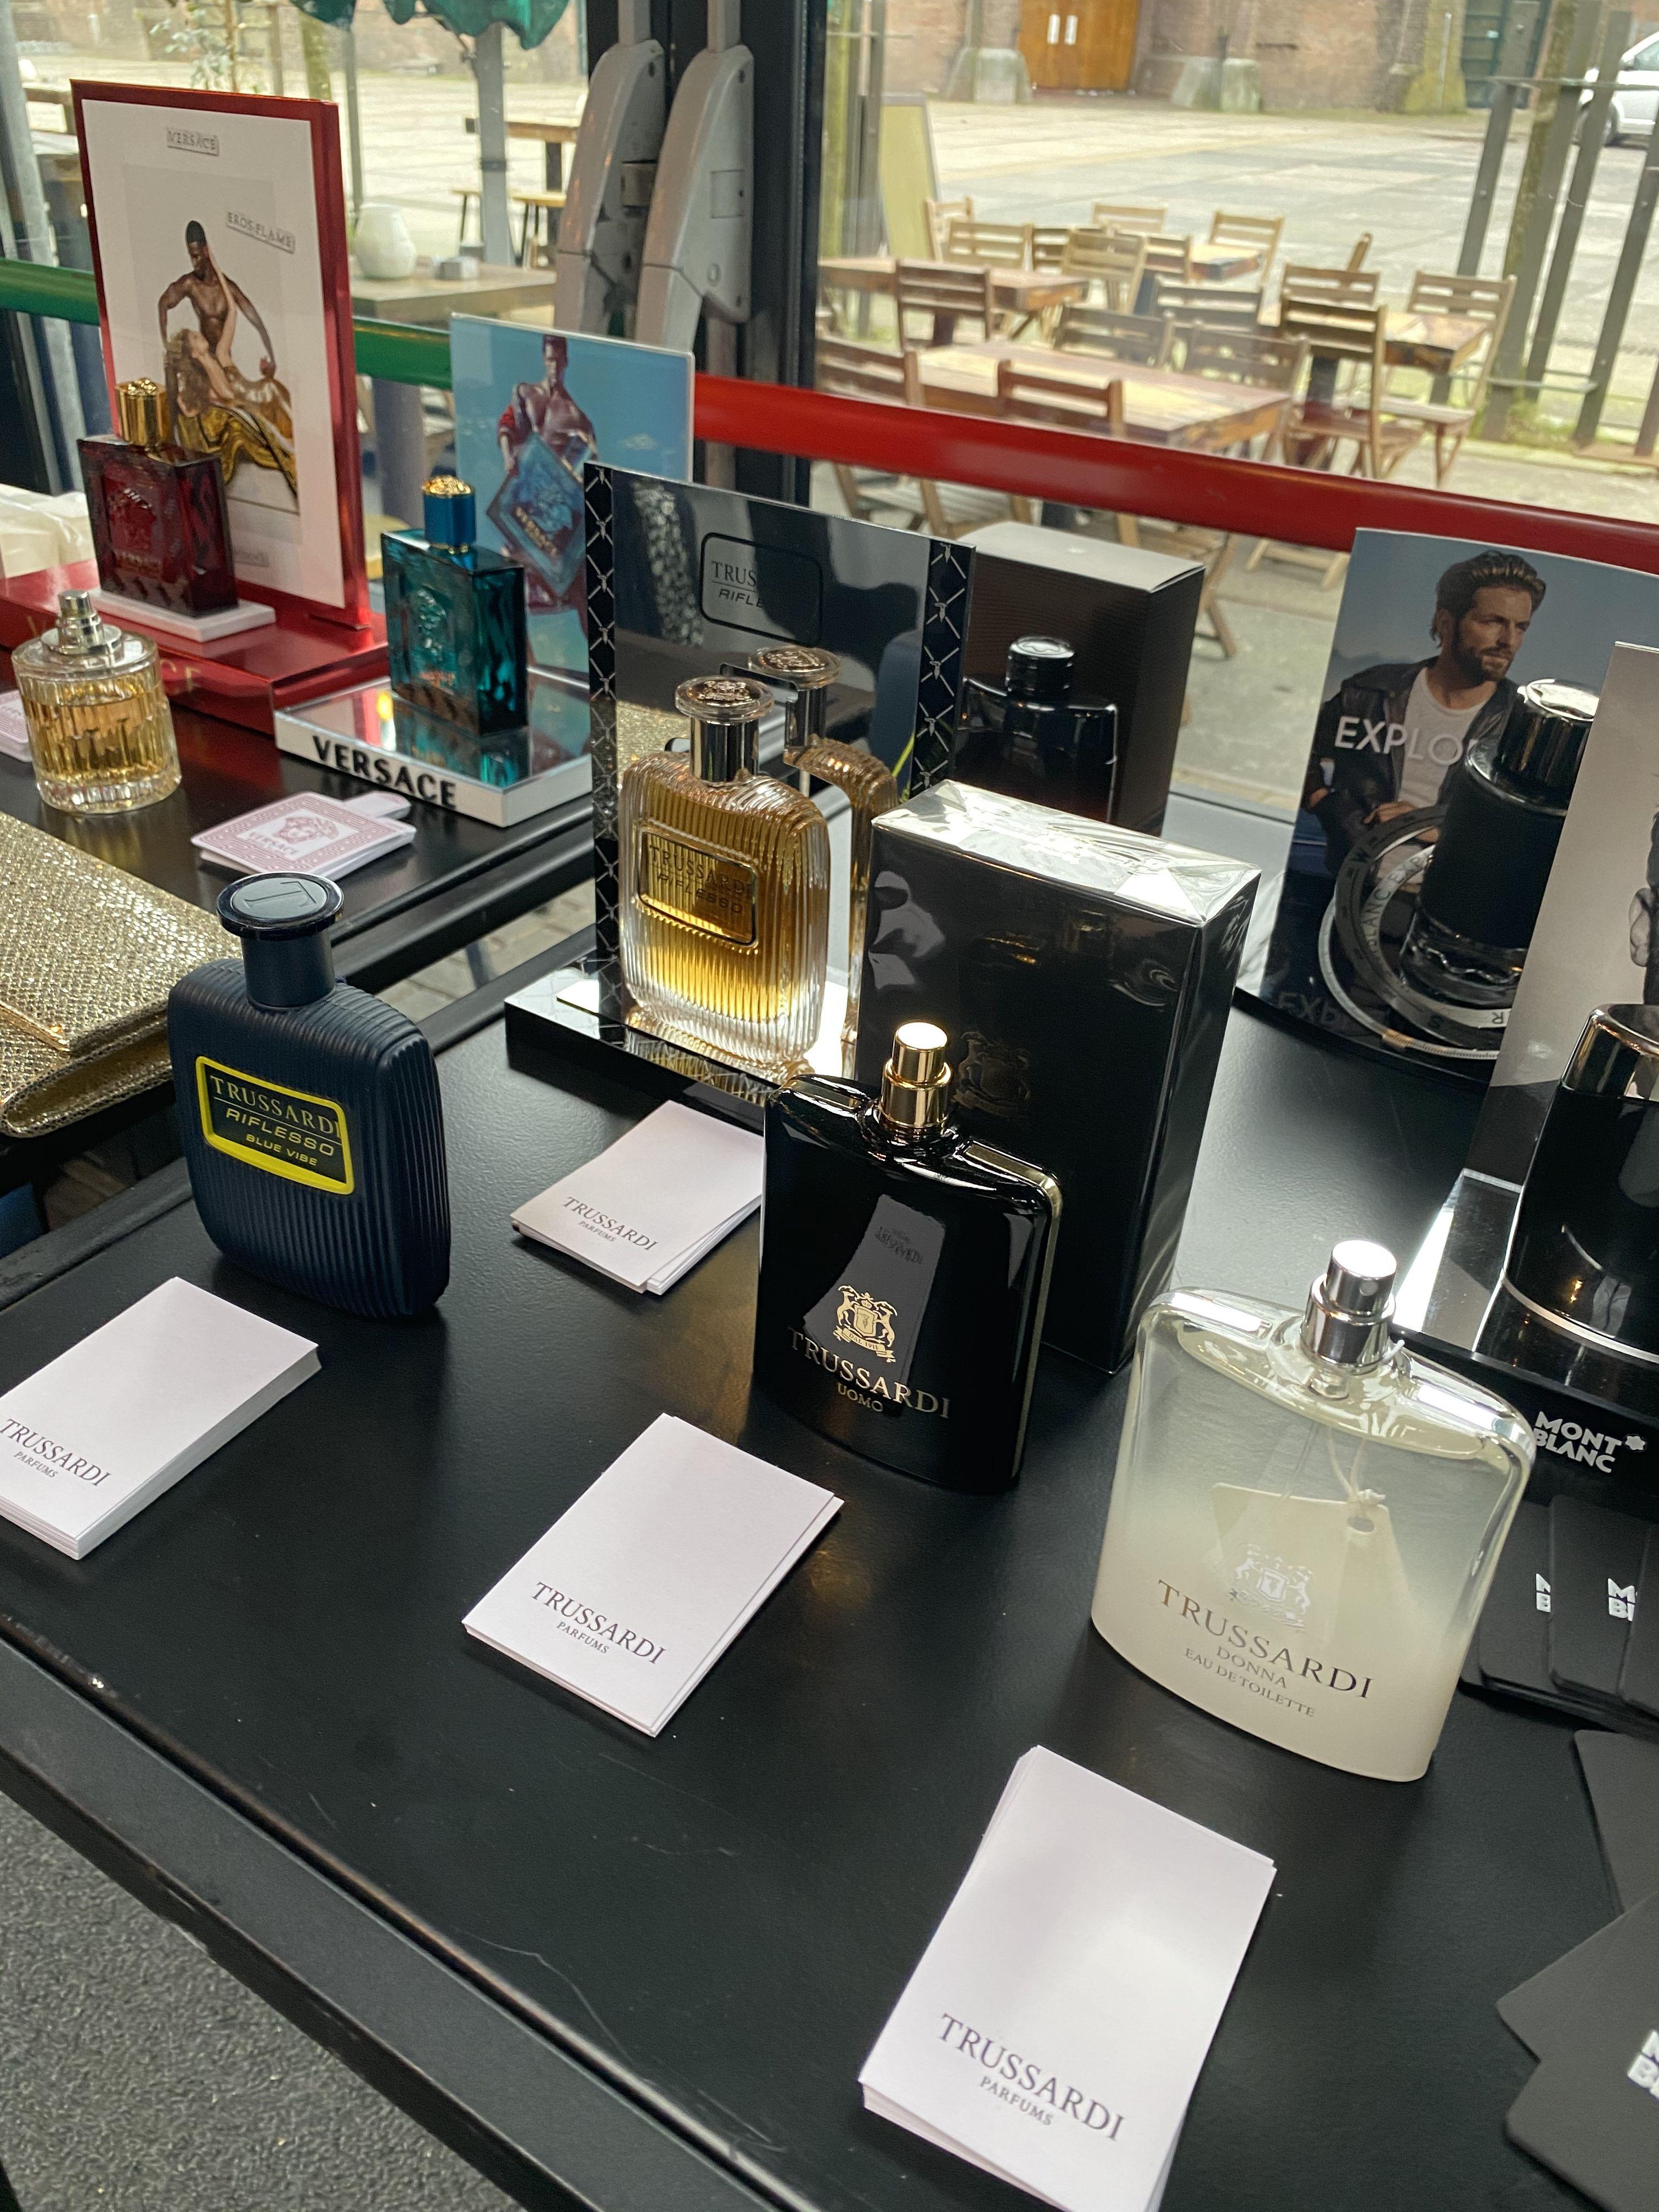 #trussardi #trussardiperfume #perfume #parfum #beautyblogger